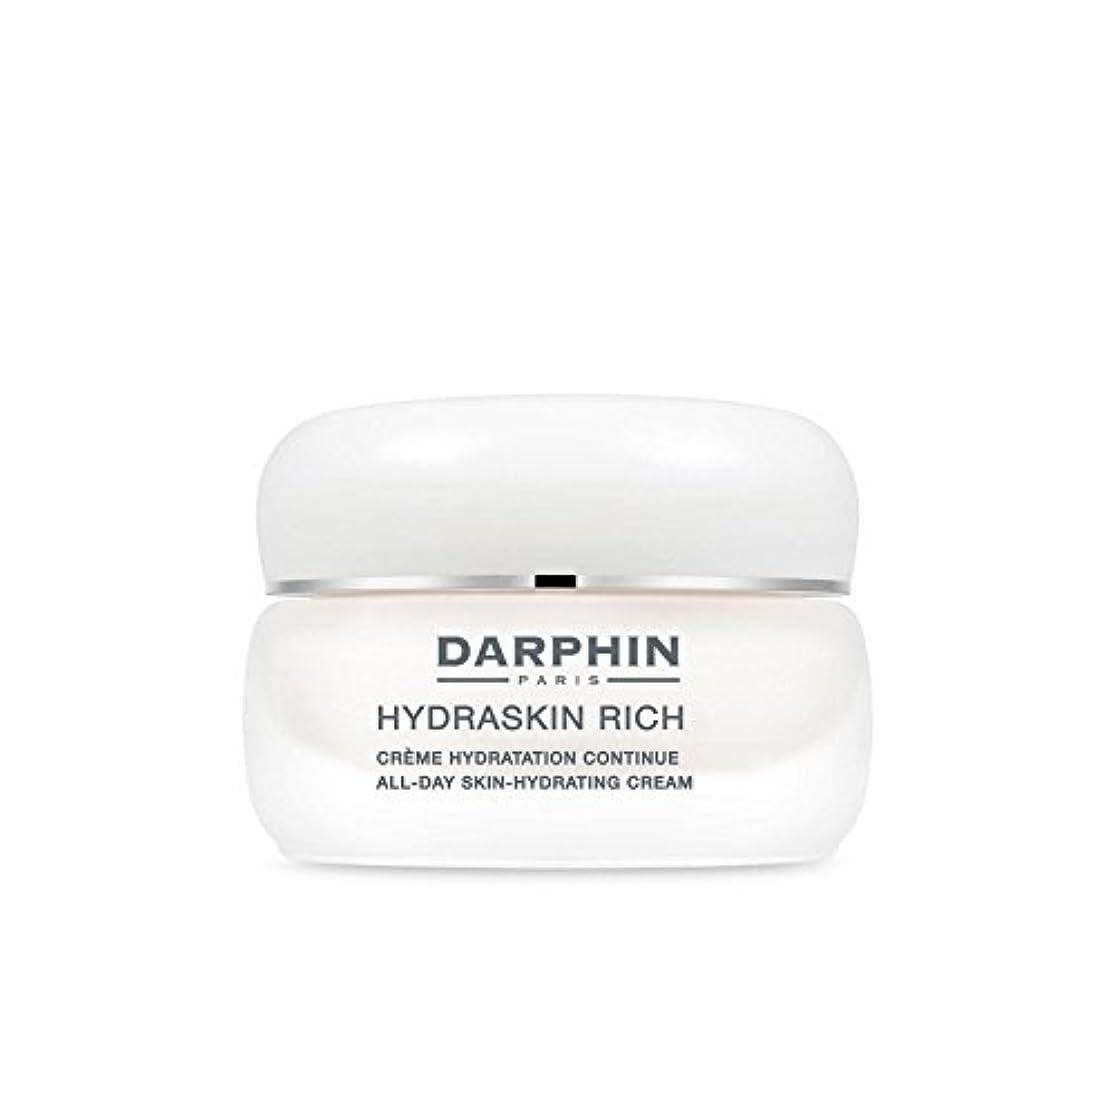 統計に変わるおもちゃDarphin Hydraskin Rich -Protective Moisturising Cream (50ml) - 豊富 - 保護保湿クリーム(50)にダルファン [並行輸入品]